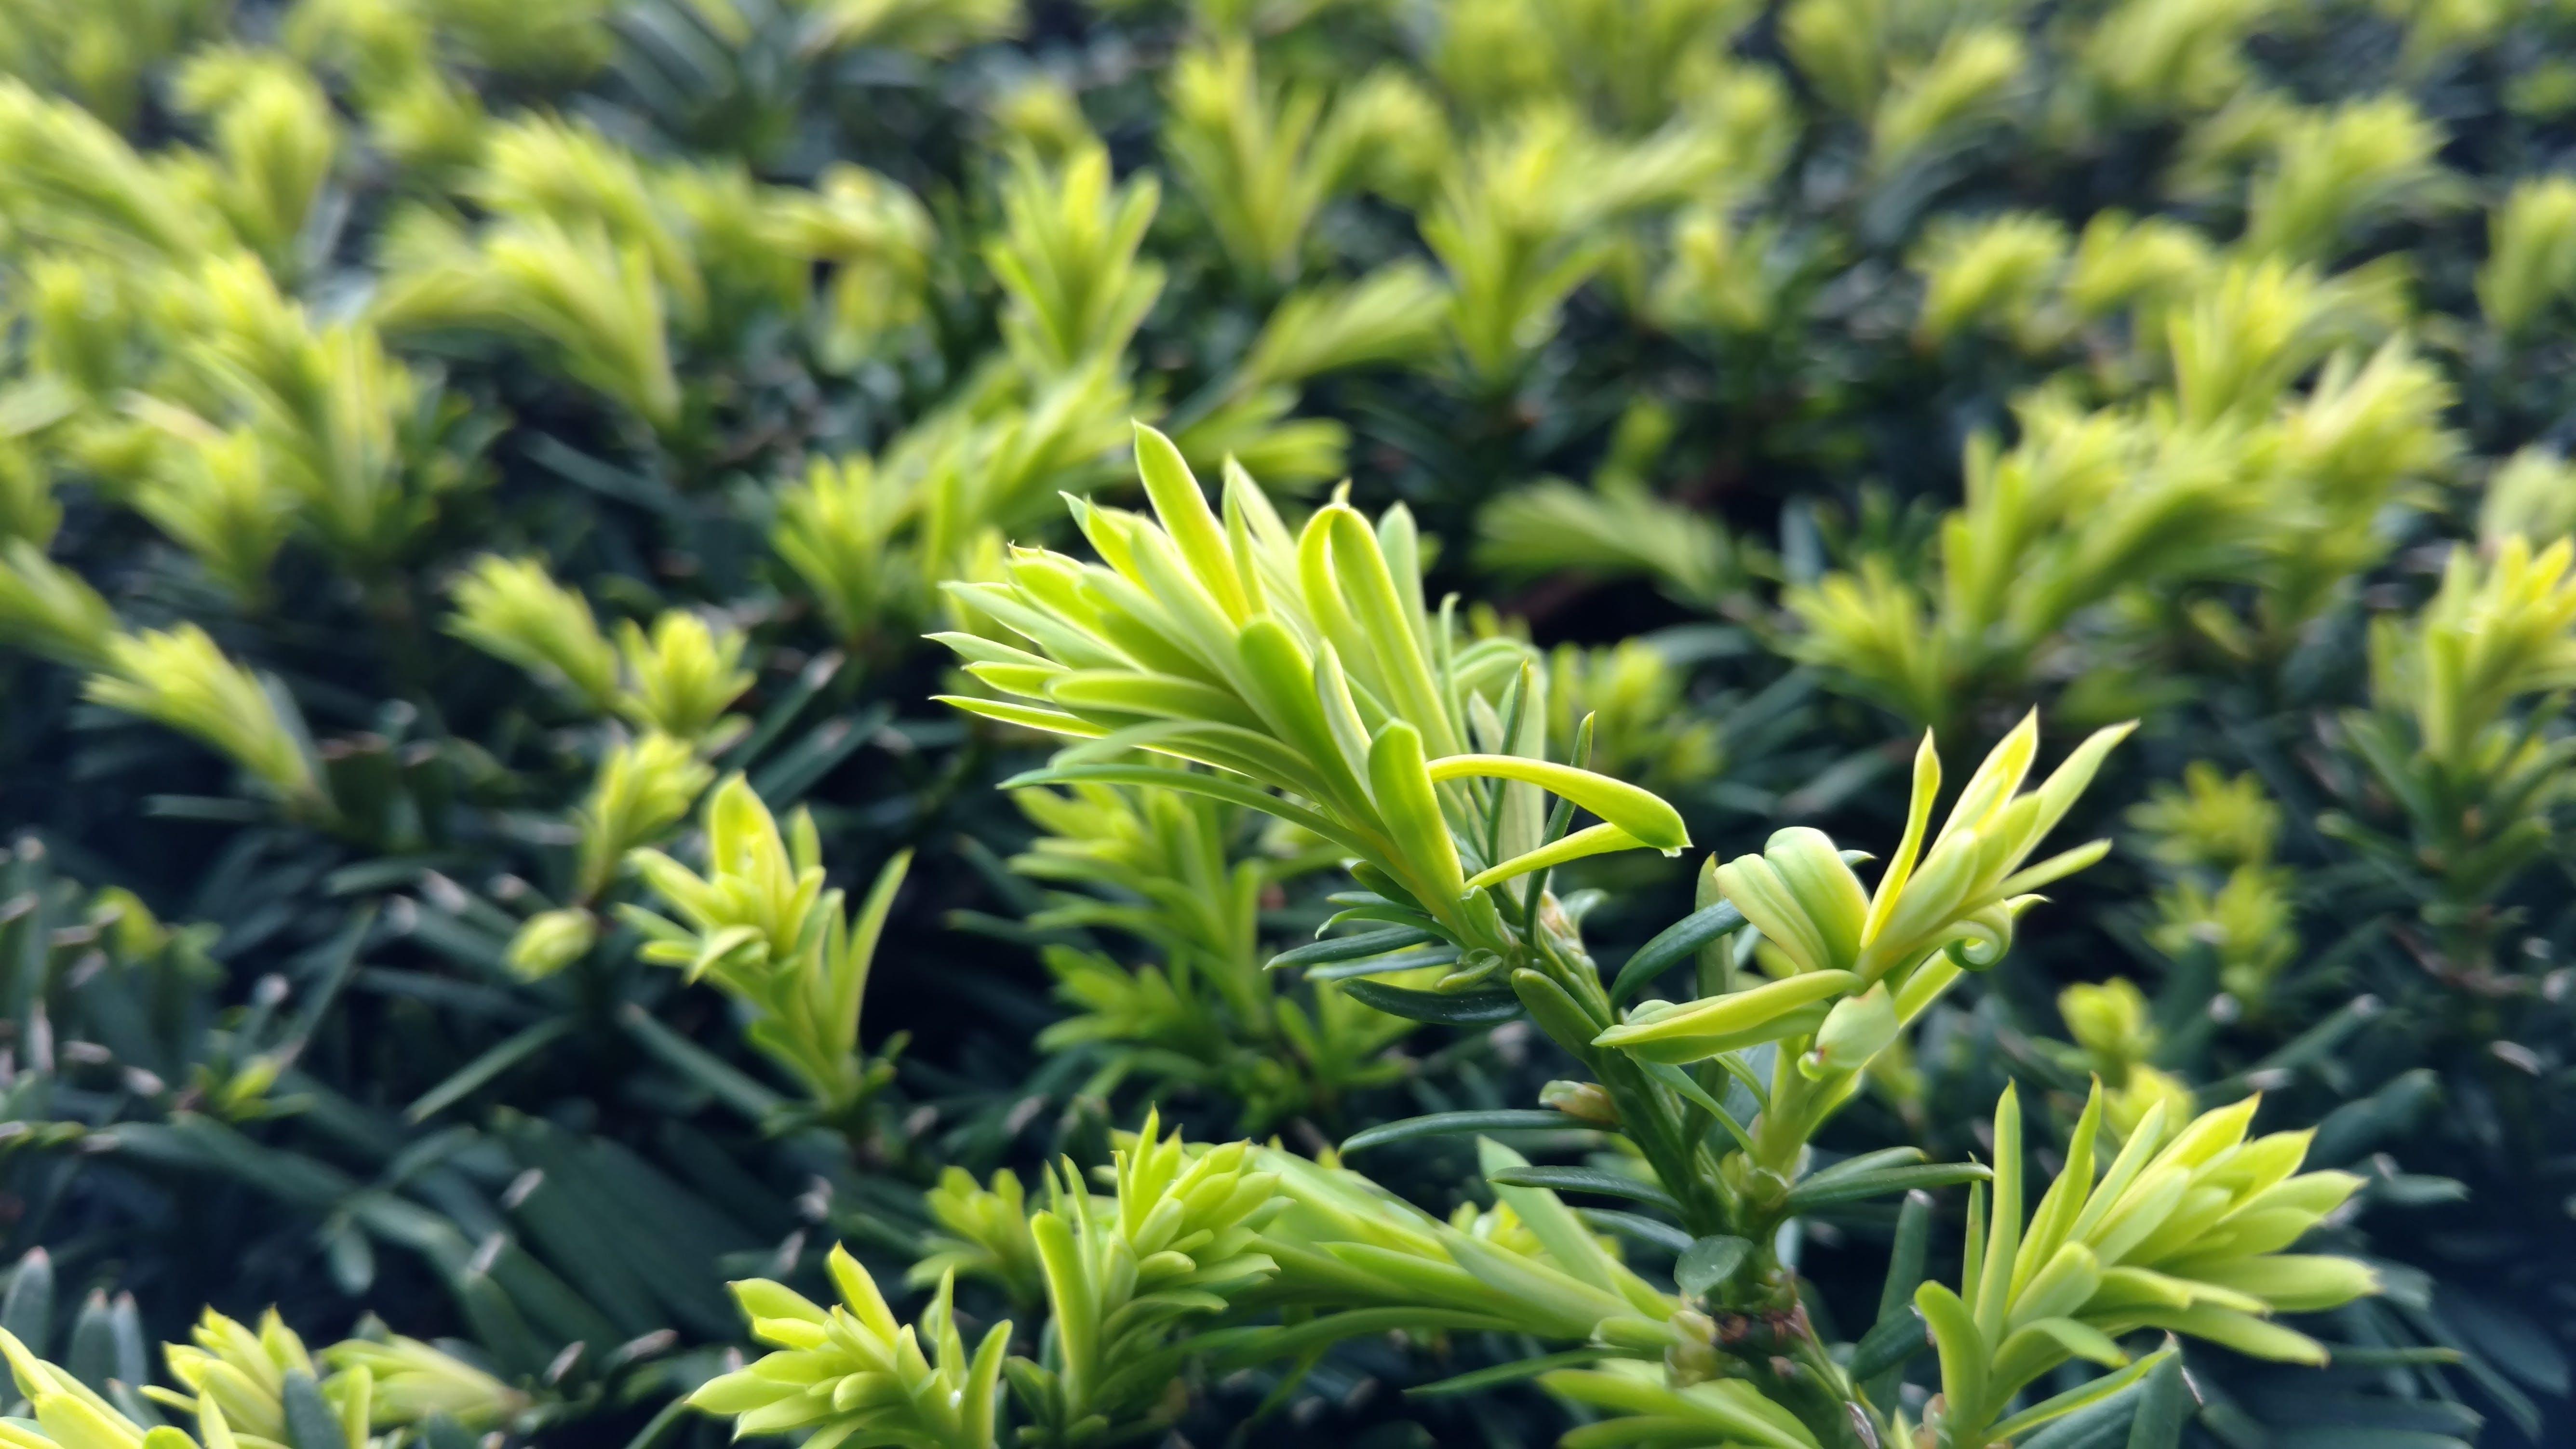 Fotos de stock gratuitas de arbusto, hoja verde, jardín, naturaleza